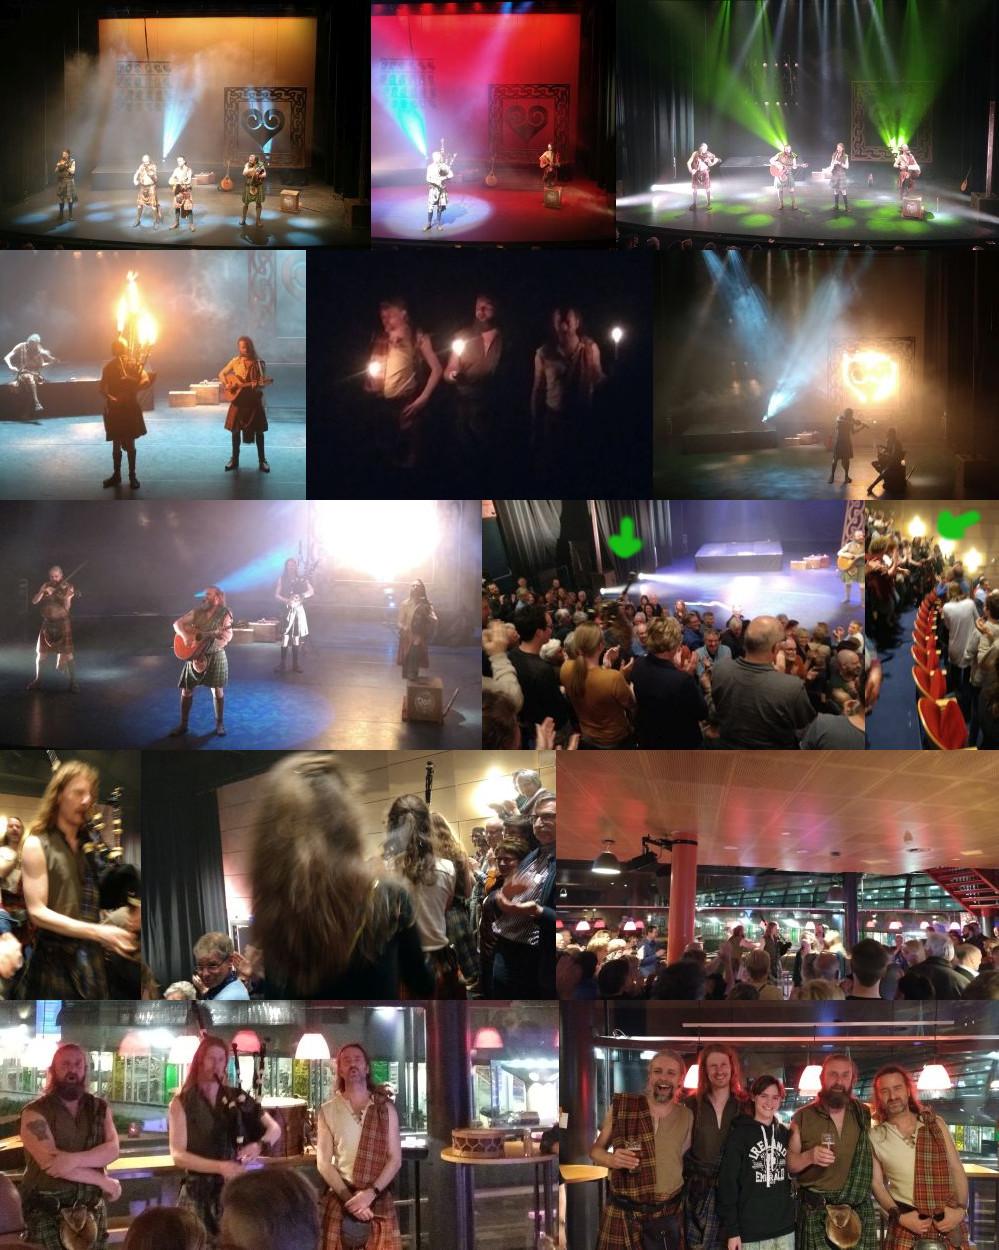 ラパリェのコンサート、ハウテン町 / Rapalje concert in Houten